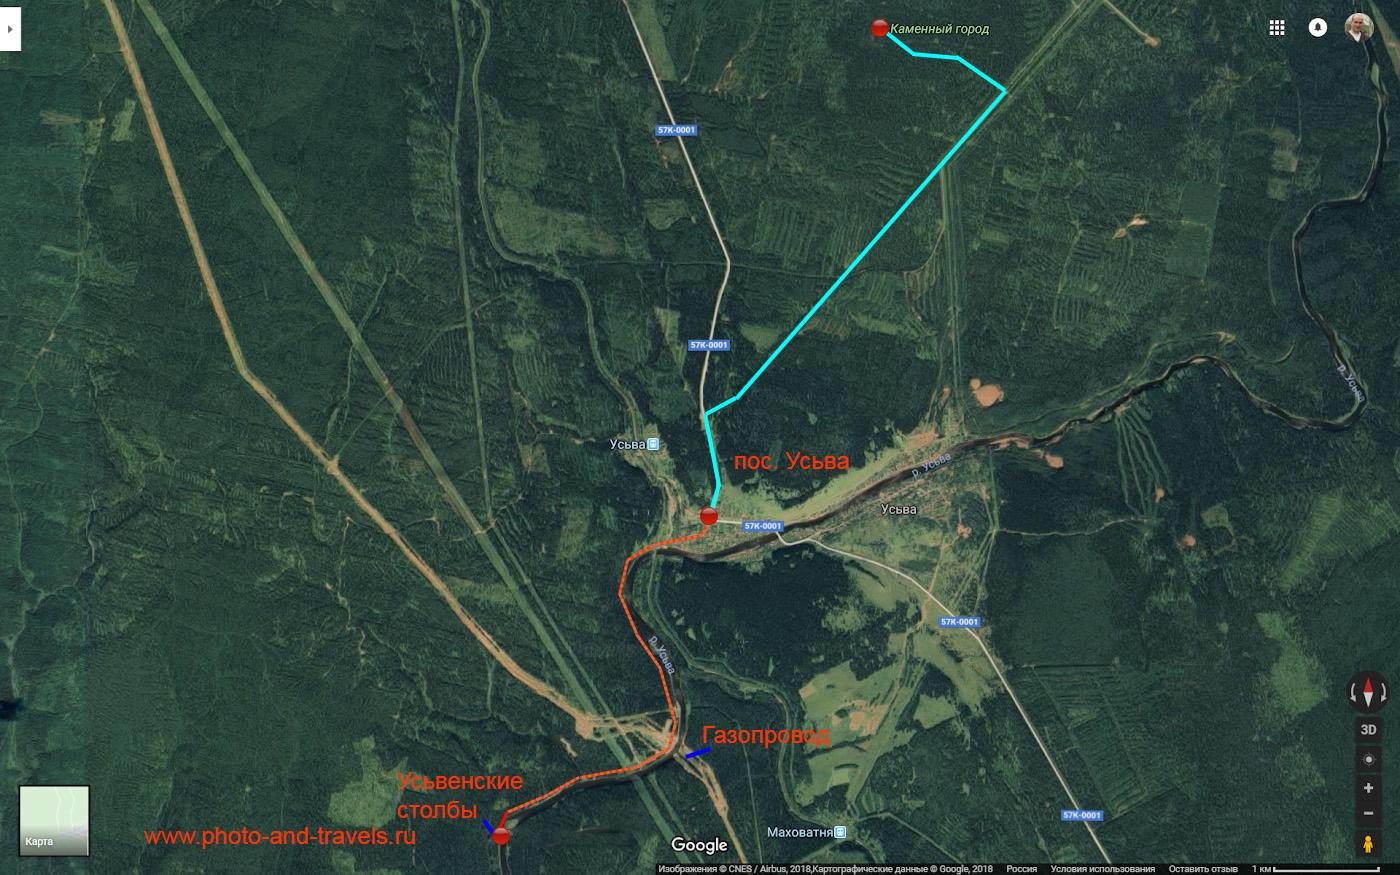 Карта со схемой маршрута, как добраться до Усьвинских столбов и до скал Каменный город из поселка Усьва.